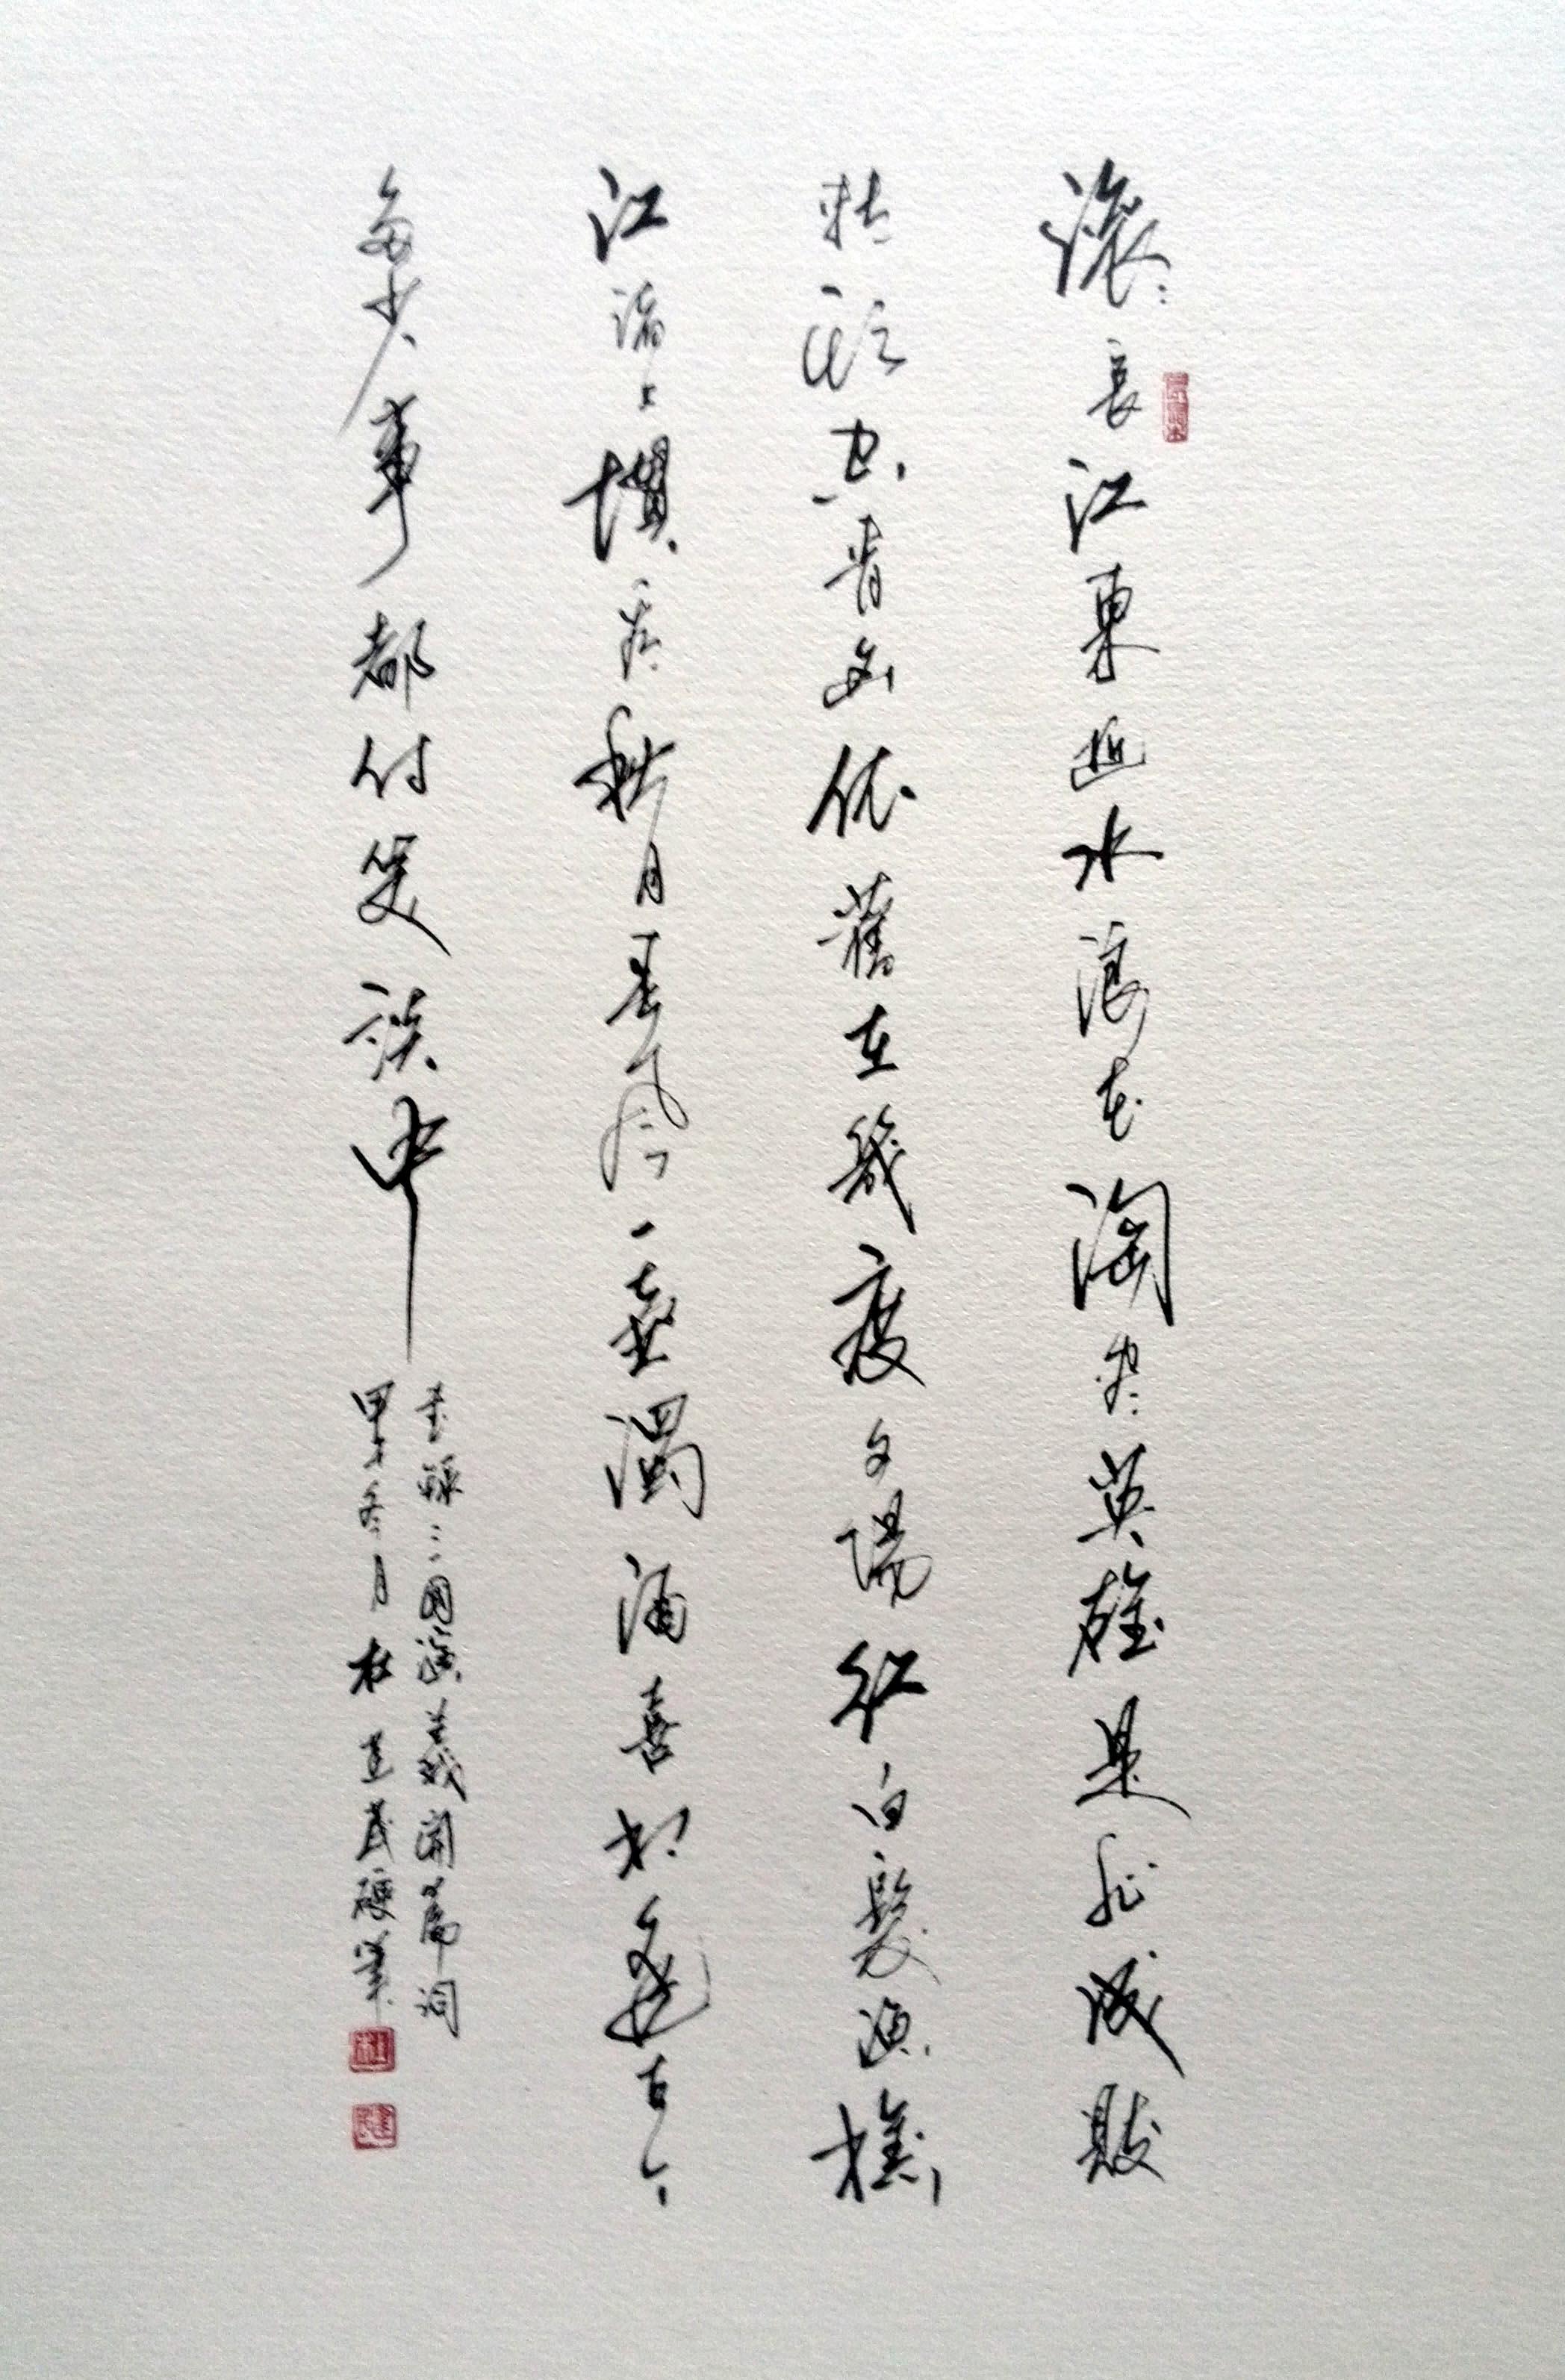 协会风采-青岛市硬笔书法家协会官网